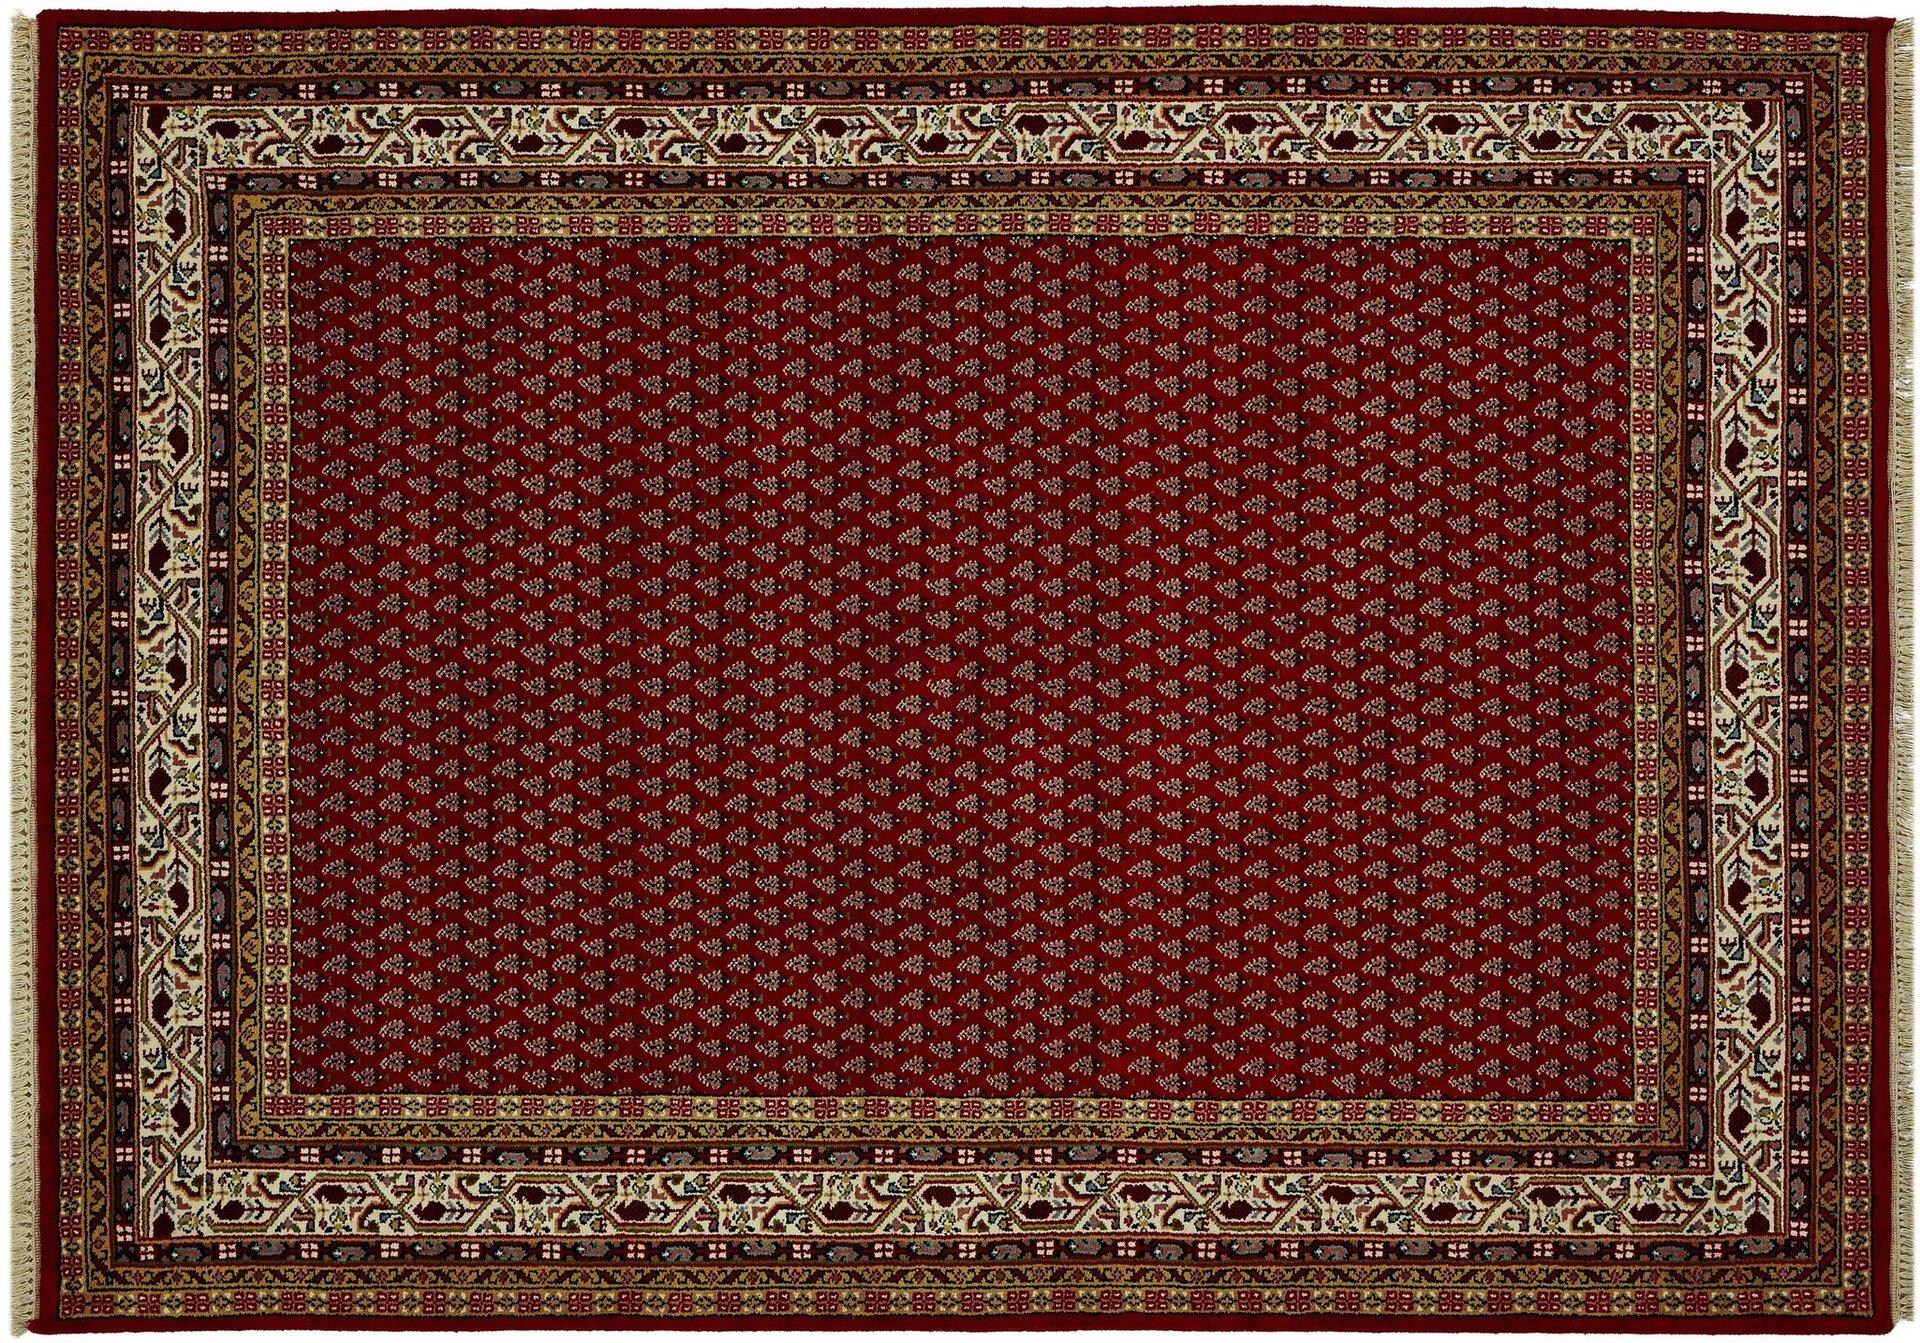 Orientteppich Bikaner Mir Rug Studios Textil 1 x 2 cm